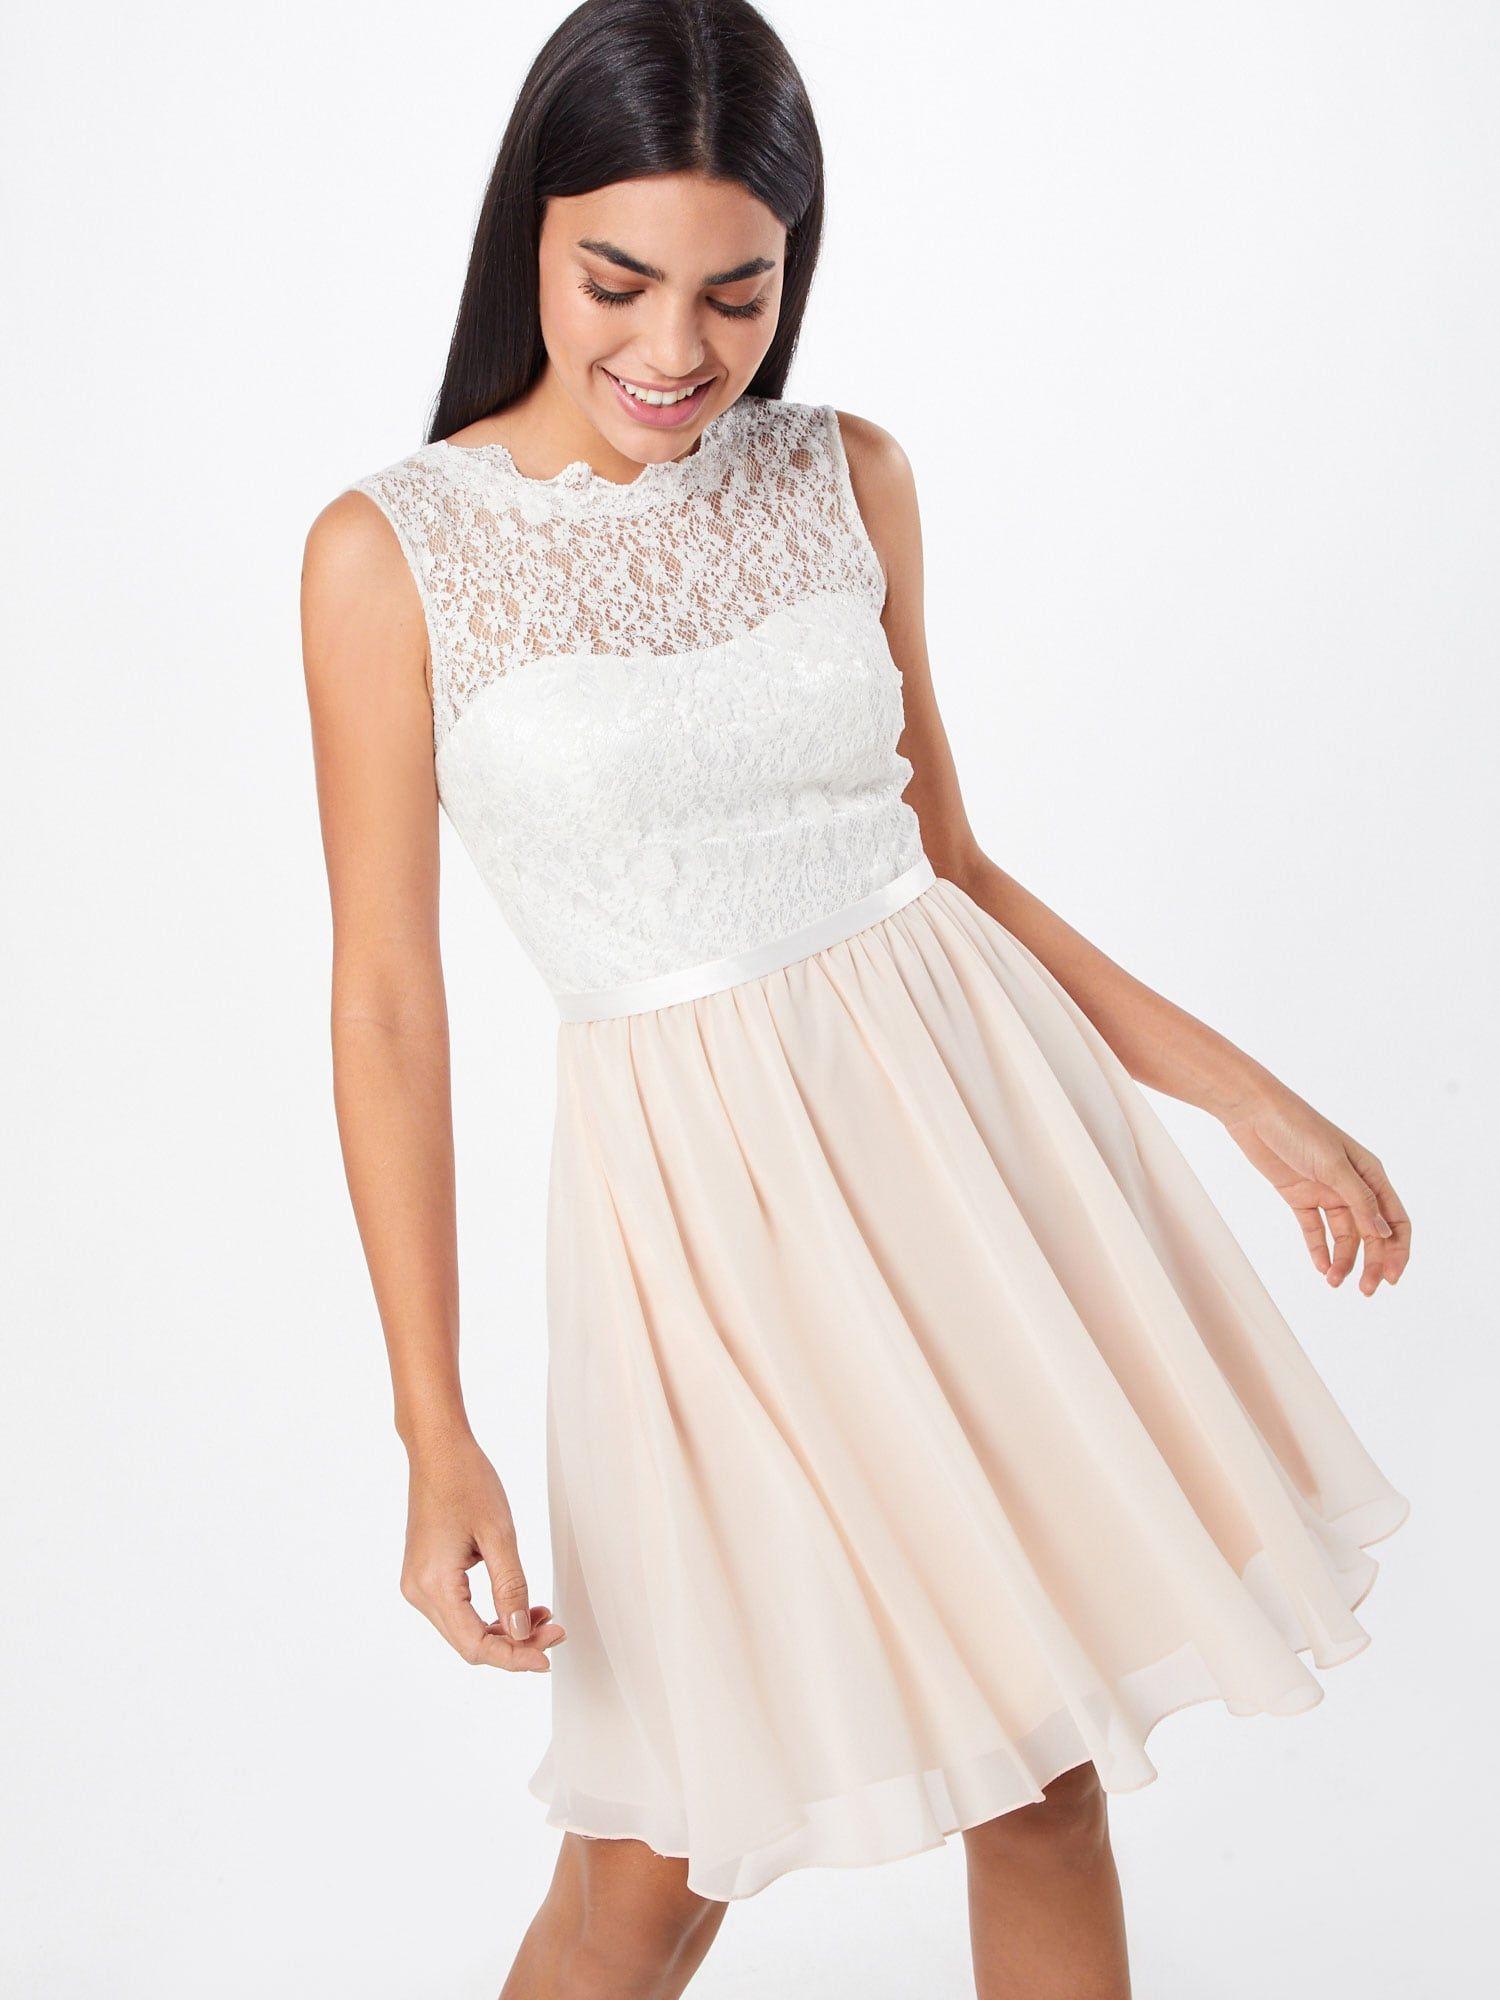 Laona Kleid Damen, Rosa / Weiß, Größe 14  Laona kleid, Kleider